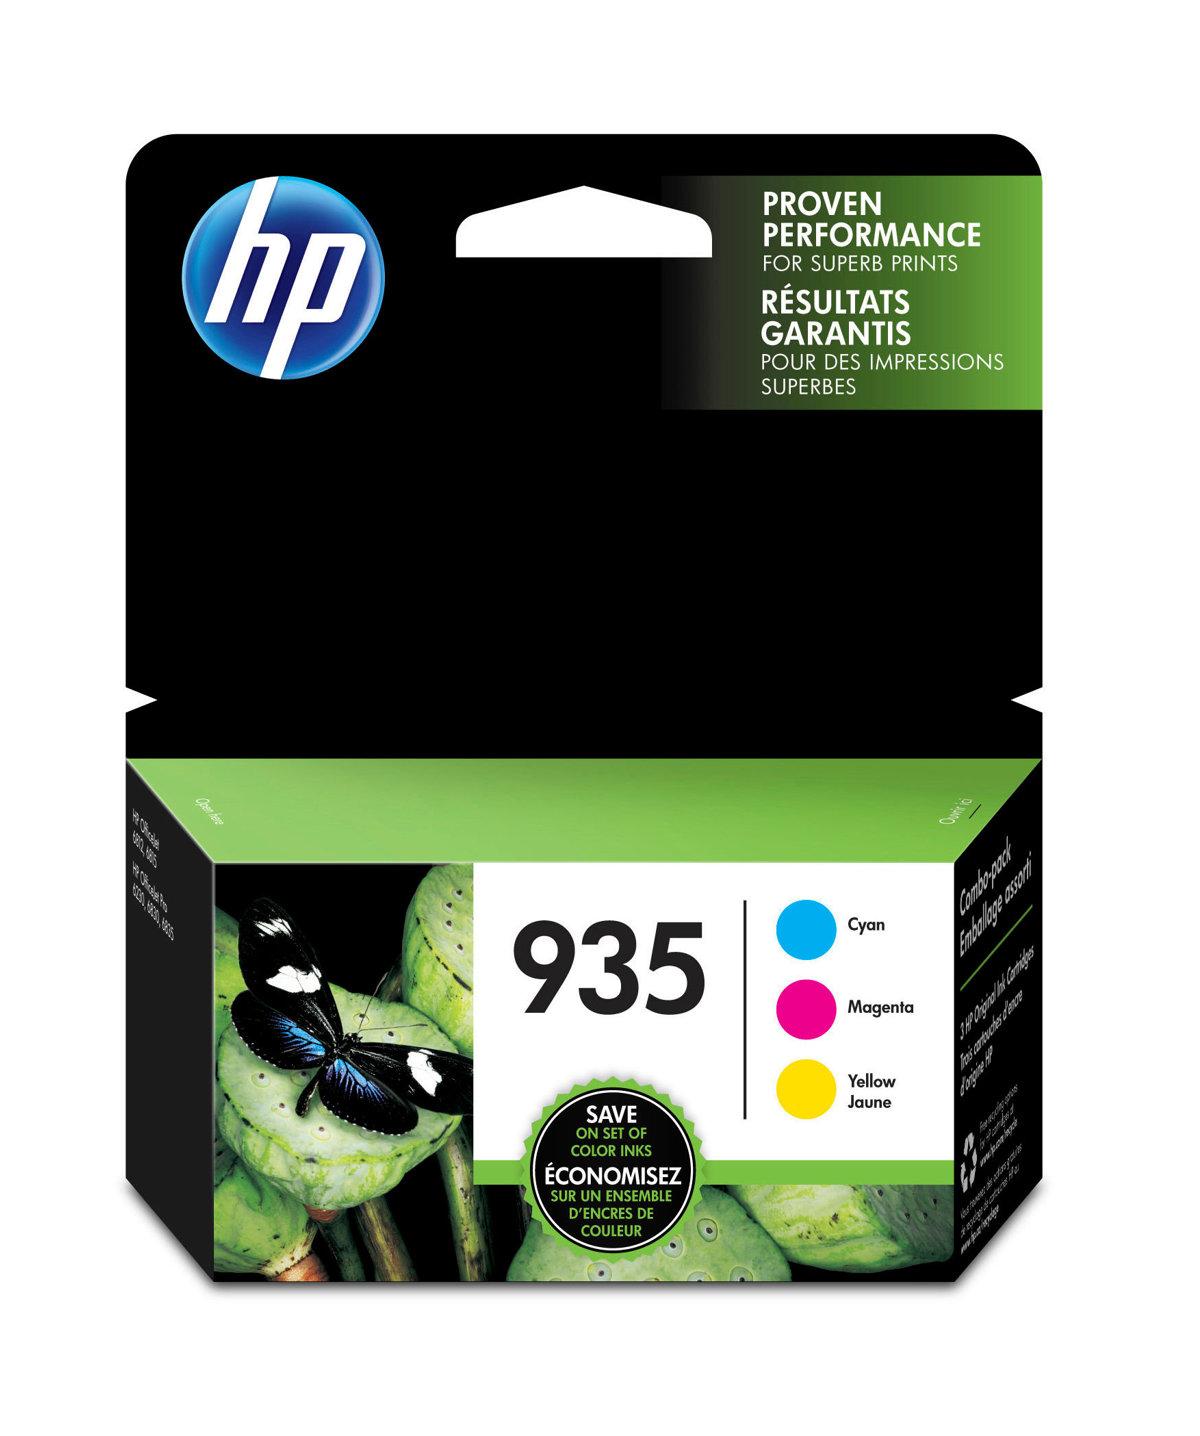 HP 935 (N9H65FN) Cyan/Magenta/Yellow...